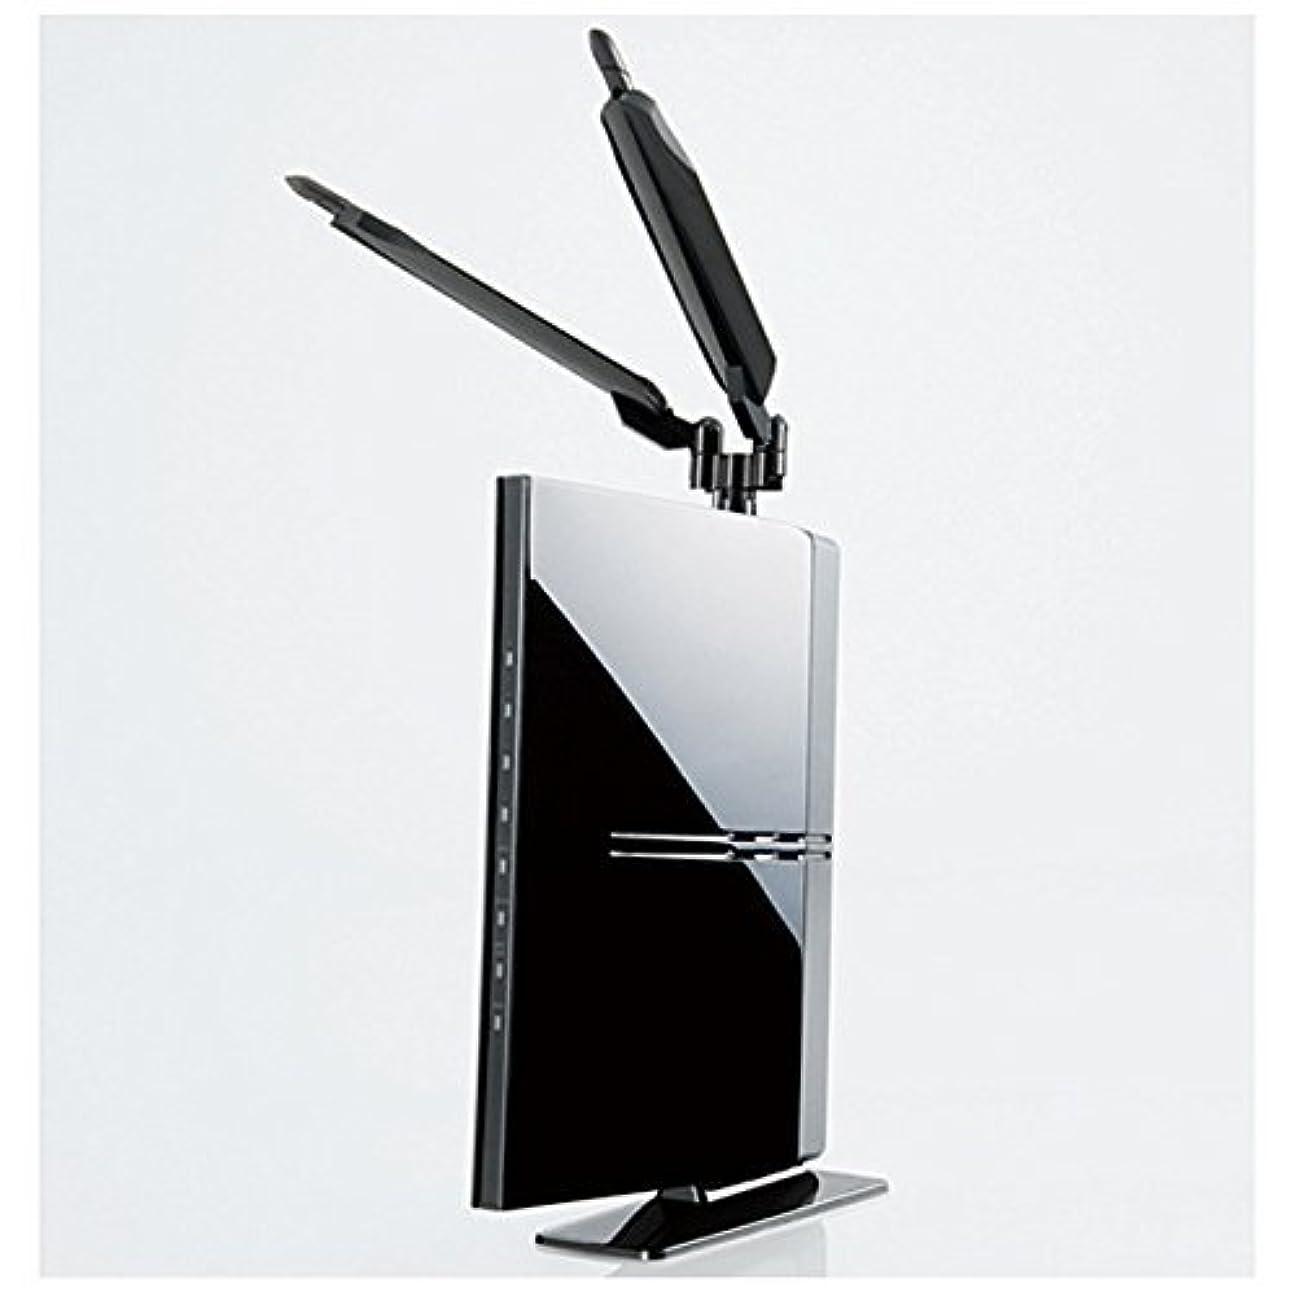 ロジテック 【Windows8対応】無線LANルータ(11n/a?11n/g/b Giga対応?親機単体) LAN-WH300ANDGPE